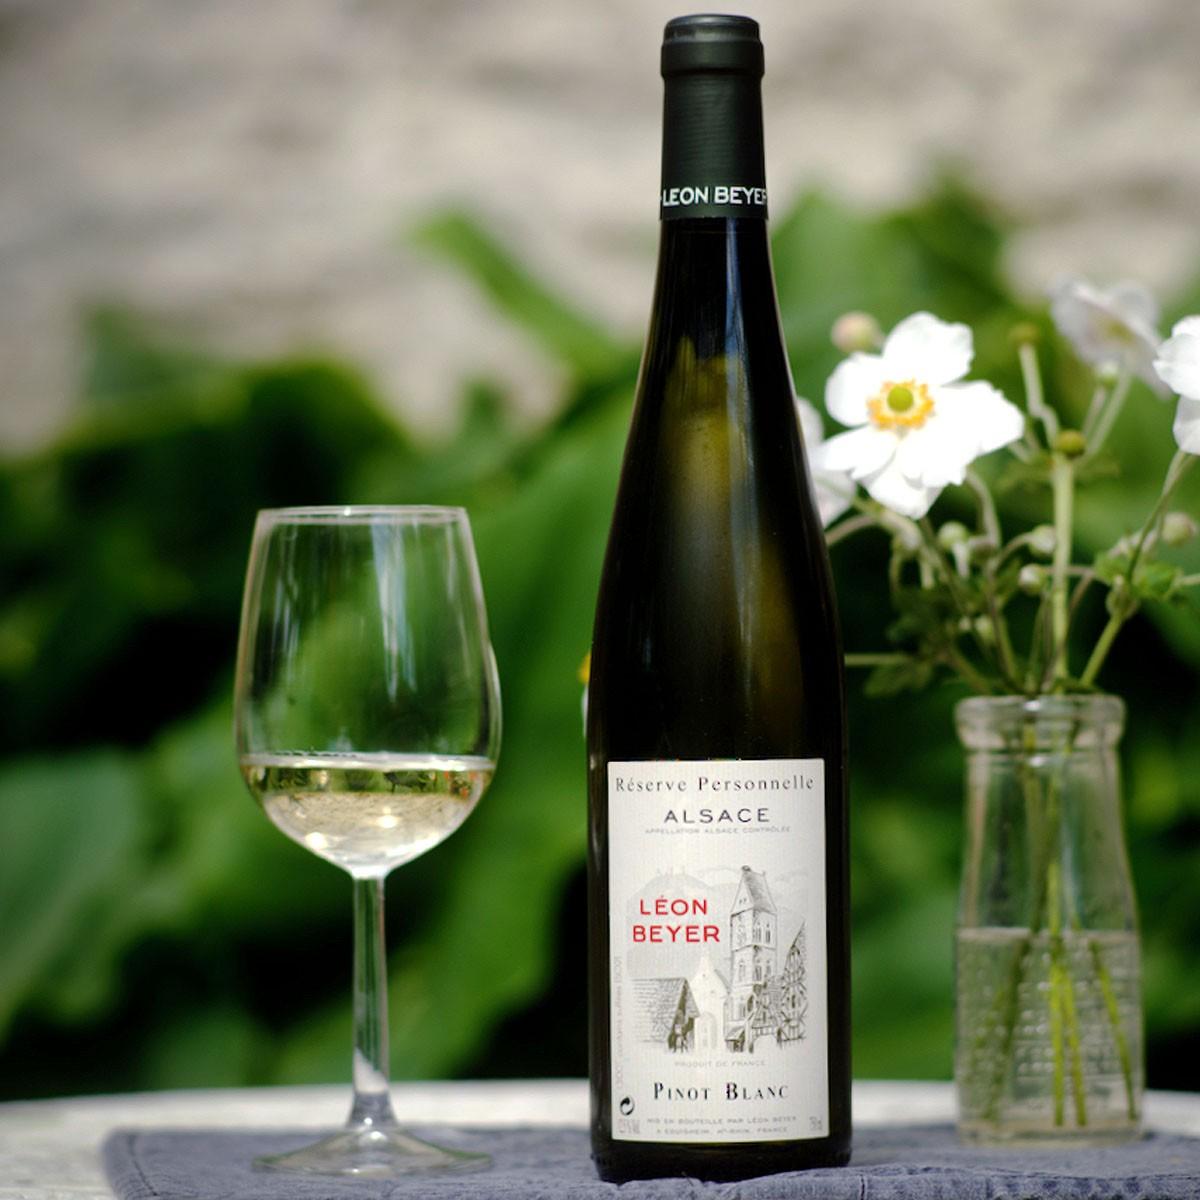 Alsace: Léon Beyer 'Réserve Personnelle' Pinot Blanc 2019 - Lifestyle